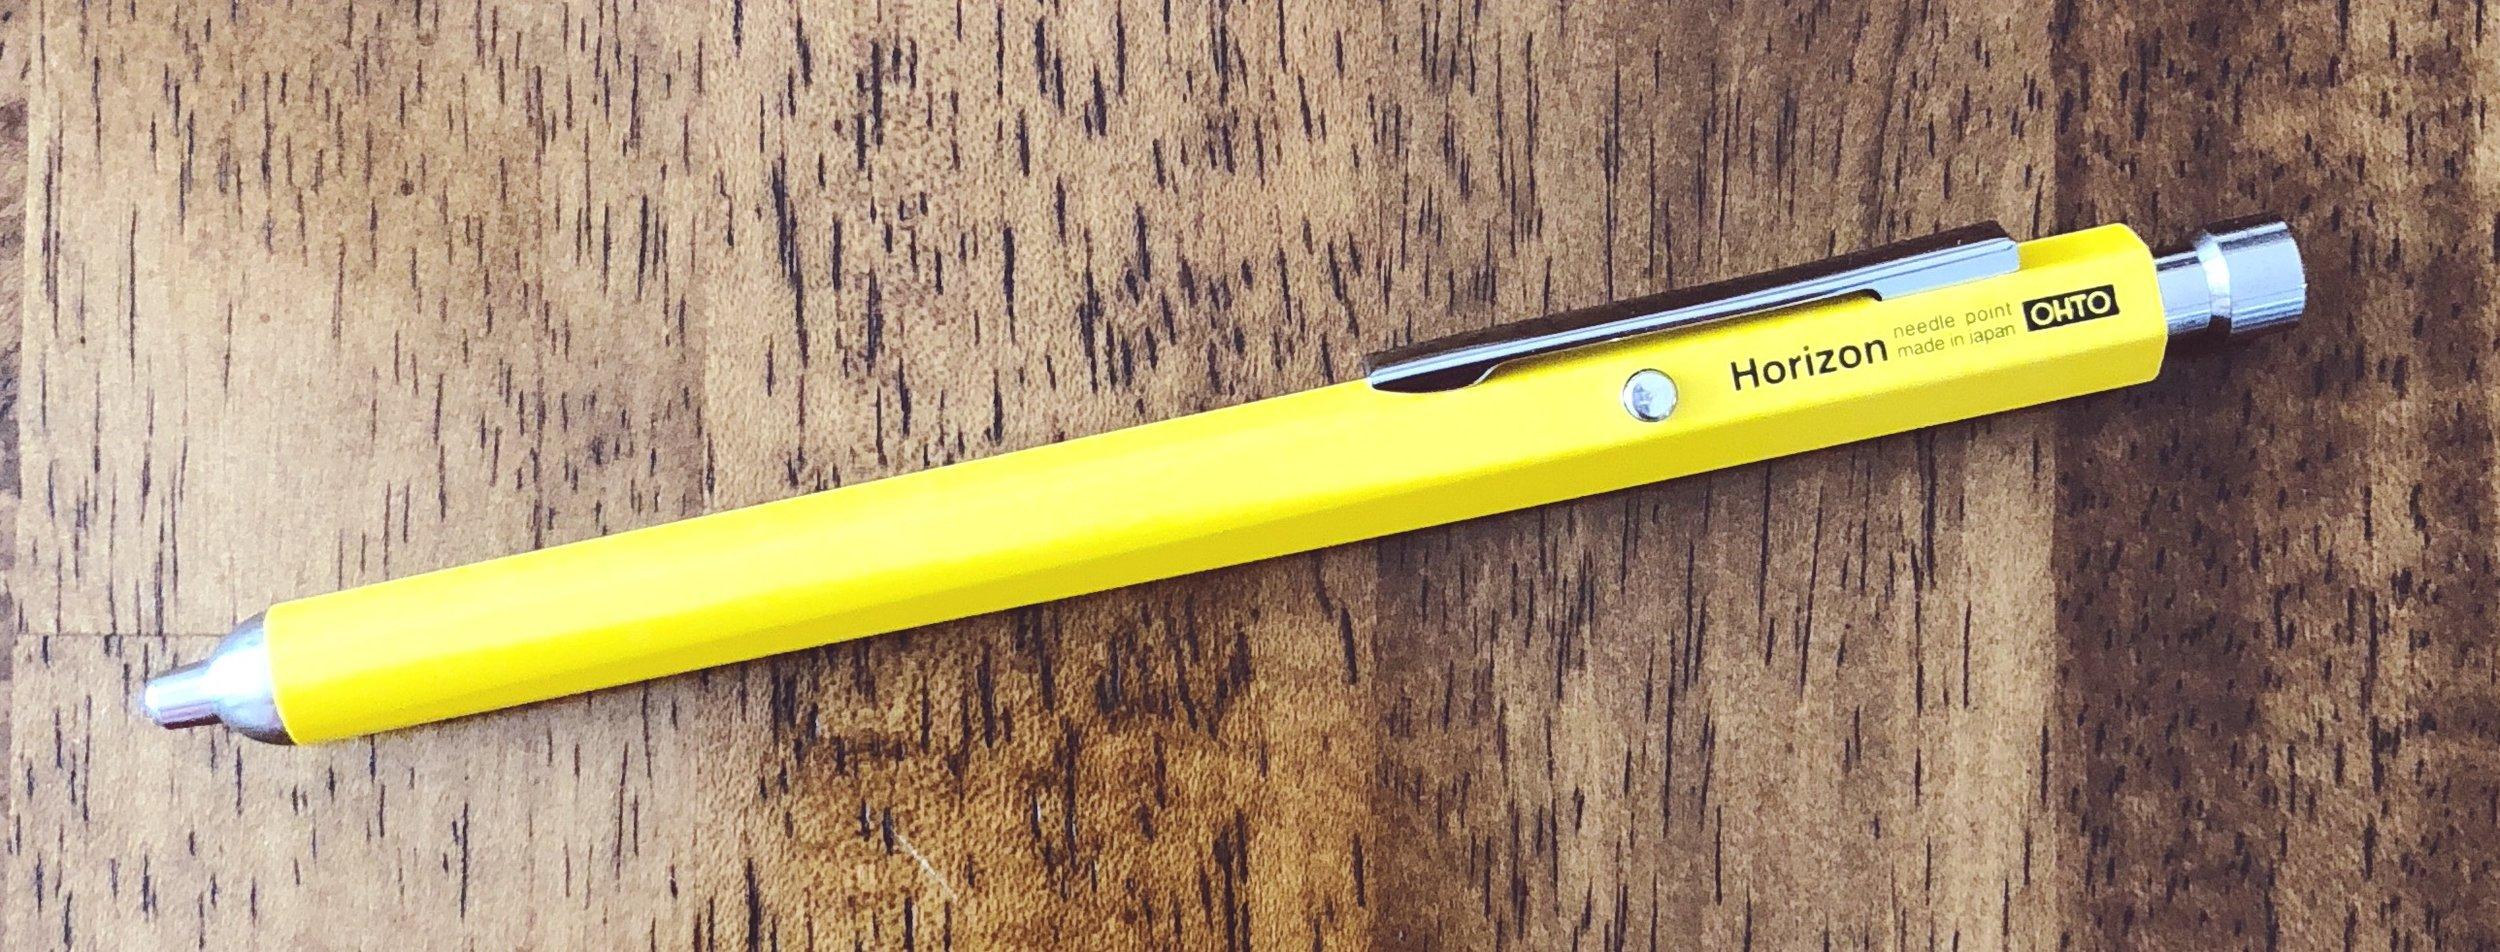 Ohto Horizon EU Ballpoint Pen